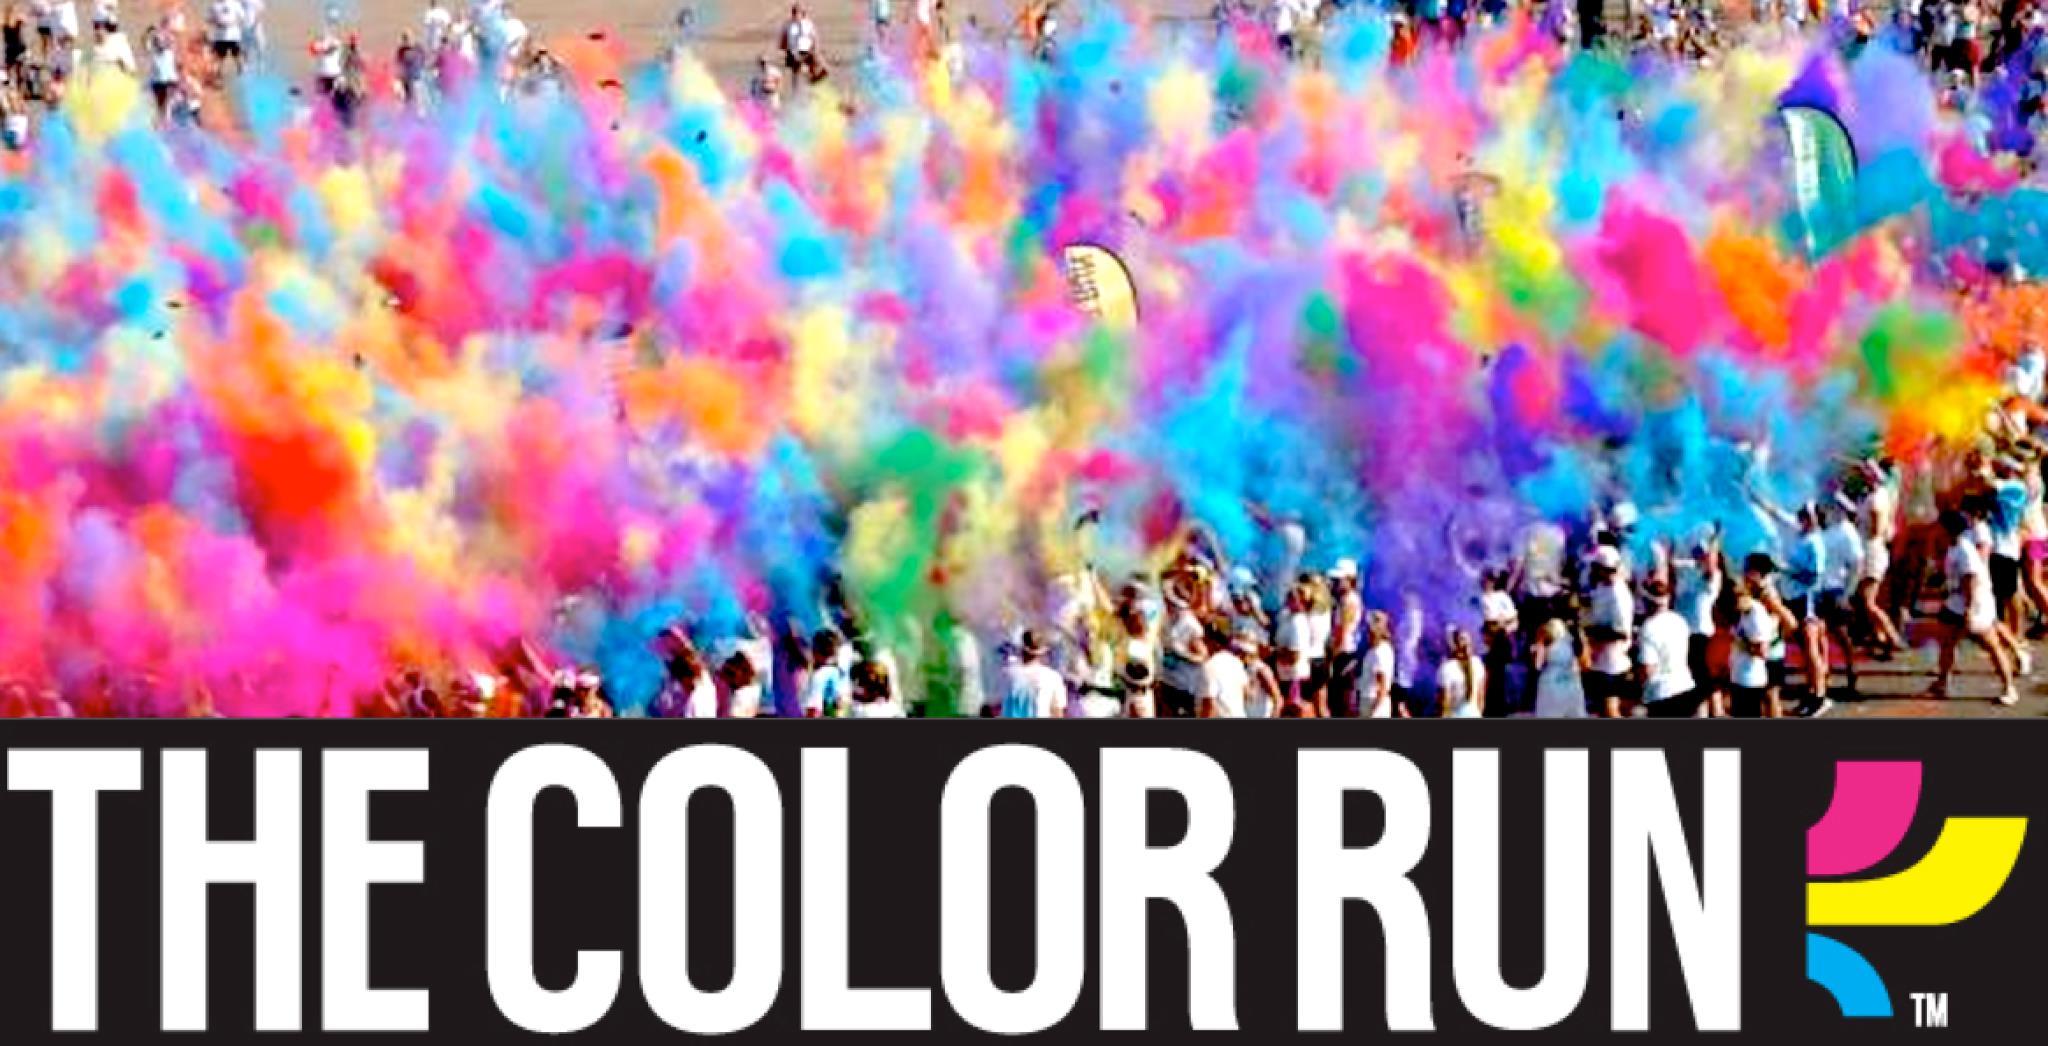 Užijte si The Color Run v květnové Praze!